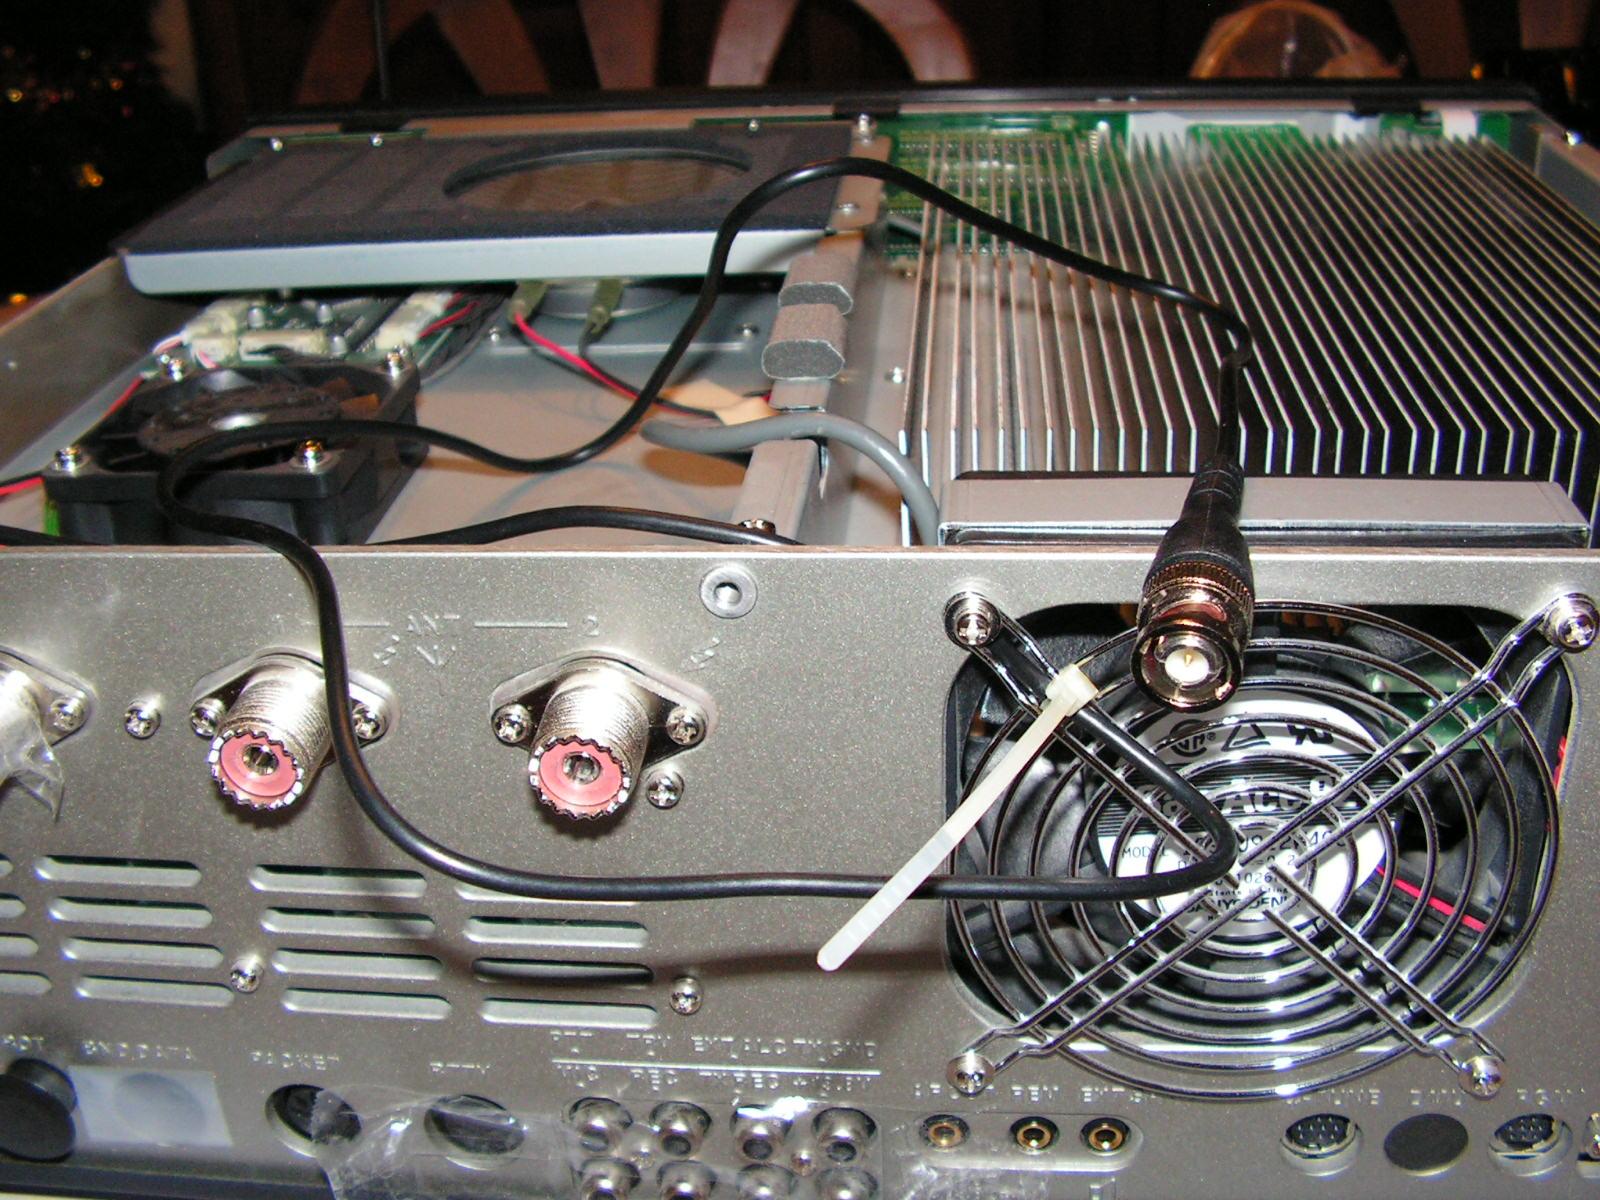 FT2000 : Dongle RTL SDR - Mise en place Connecteur-h-crampe-ventilo